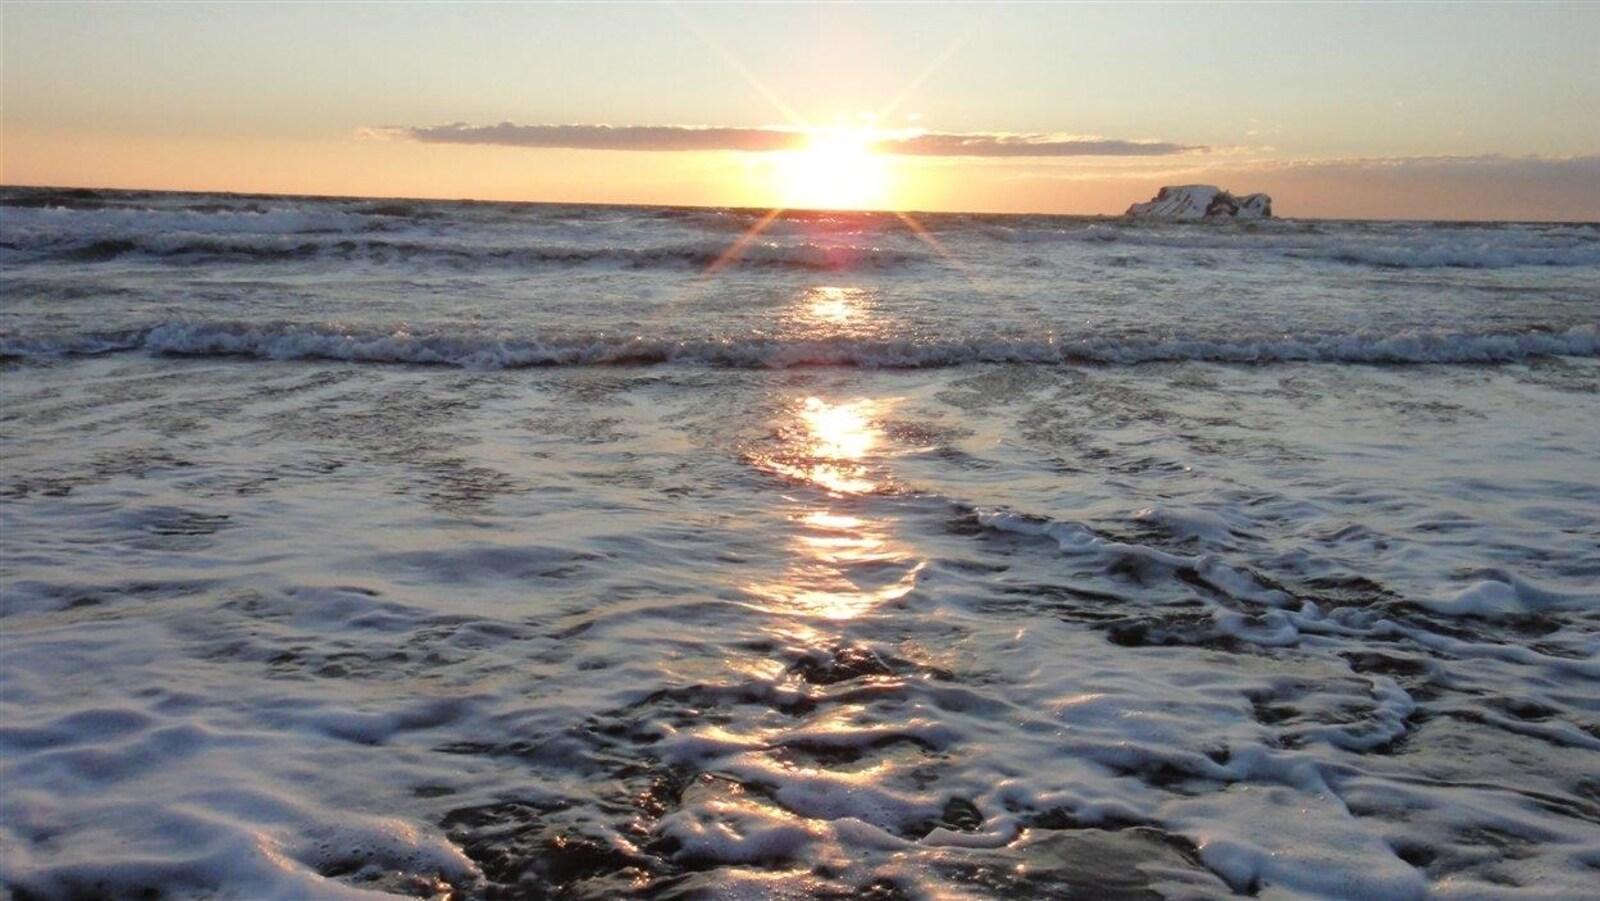 Le soleil se lève à l'horizon sur le golfe.